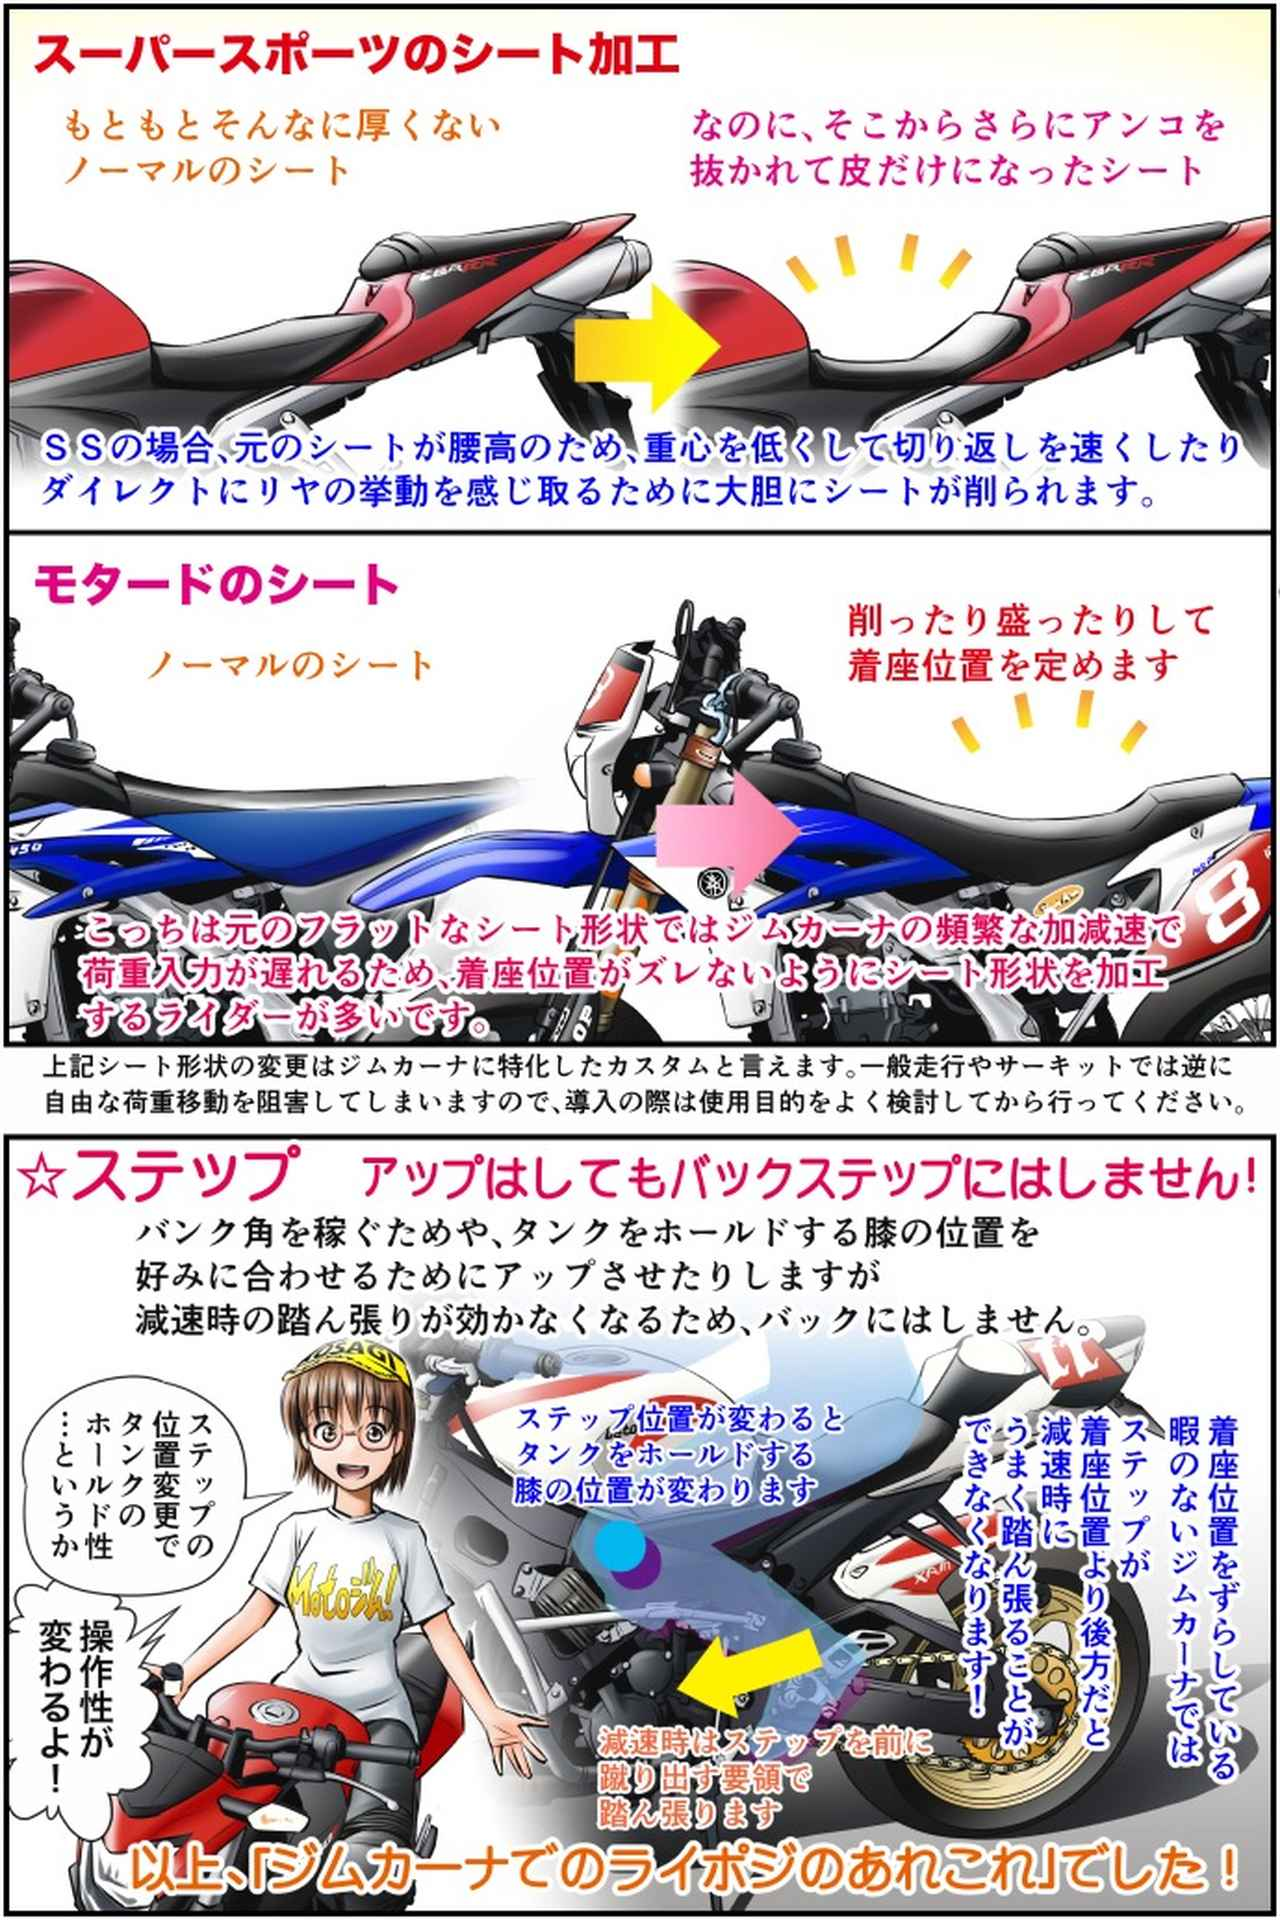 画像4: Motoジム! おまけのコーナー (ジムカーナ向けのライポジとそのカスタム)  作・ばどみゅーみん